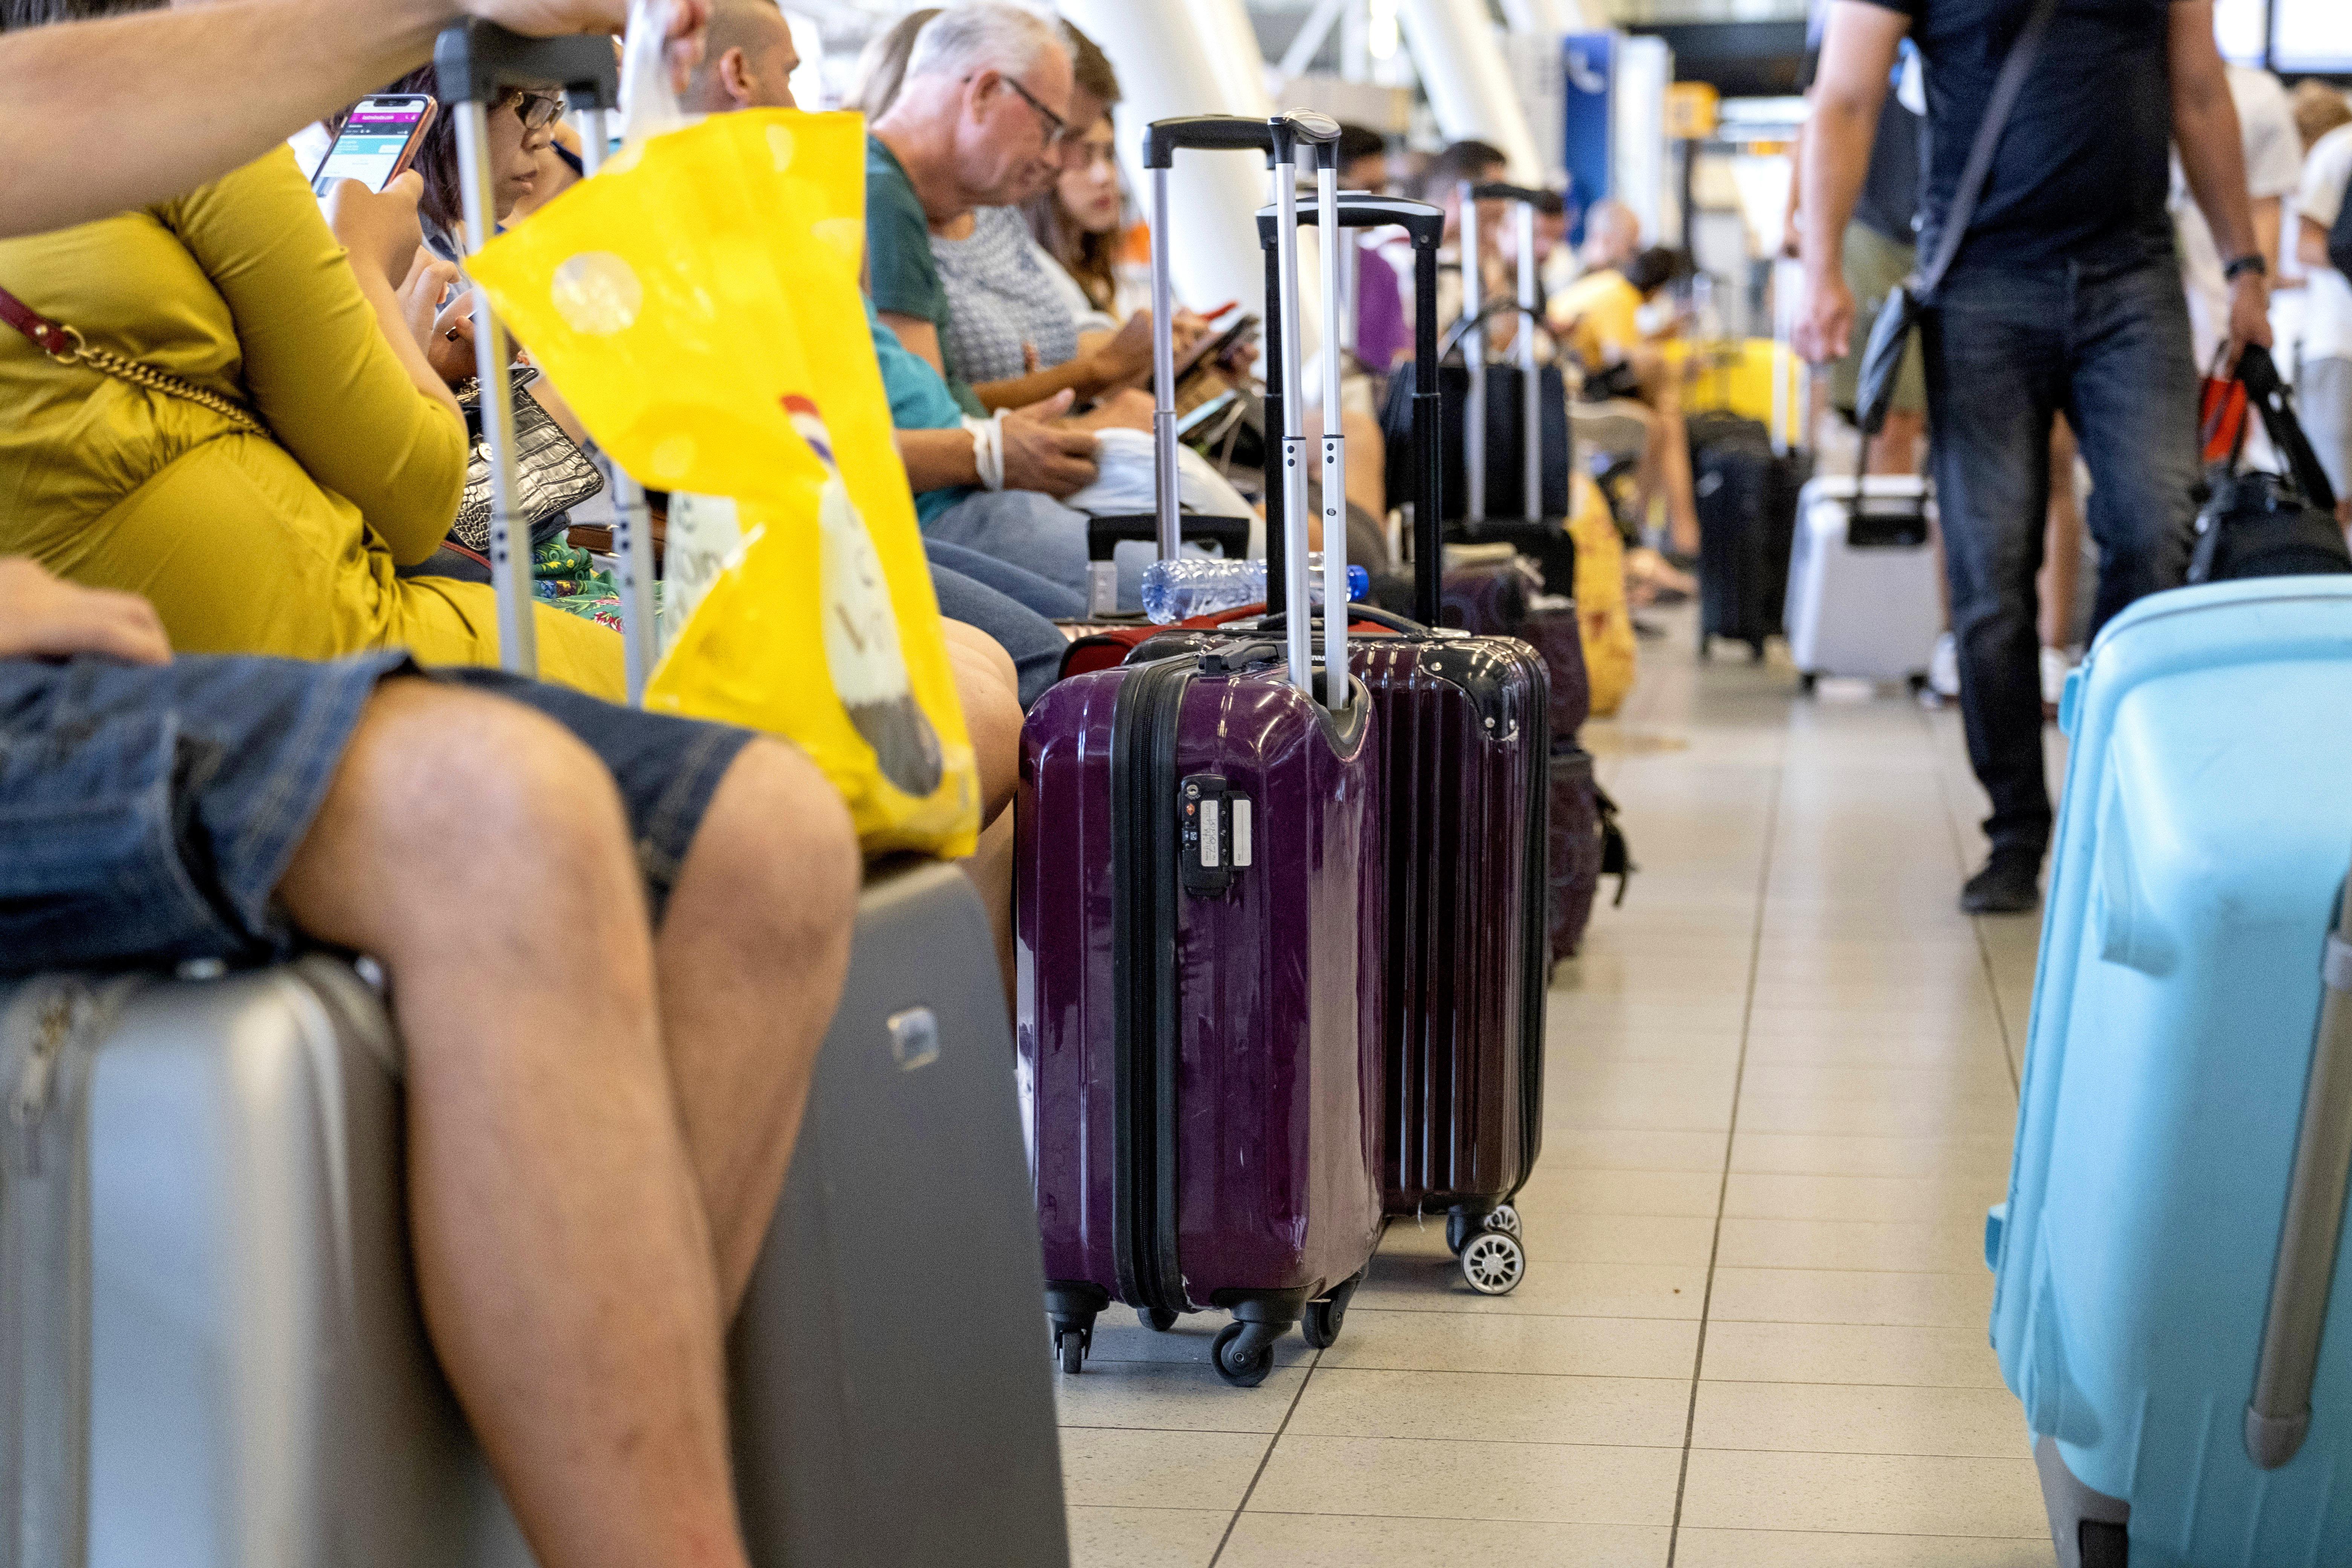 100 vluchten op Schiphol geannuleerd, reizigers moeten mogelijk ook nacht van donderdag op vrijdag op luchthaven slapen